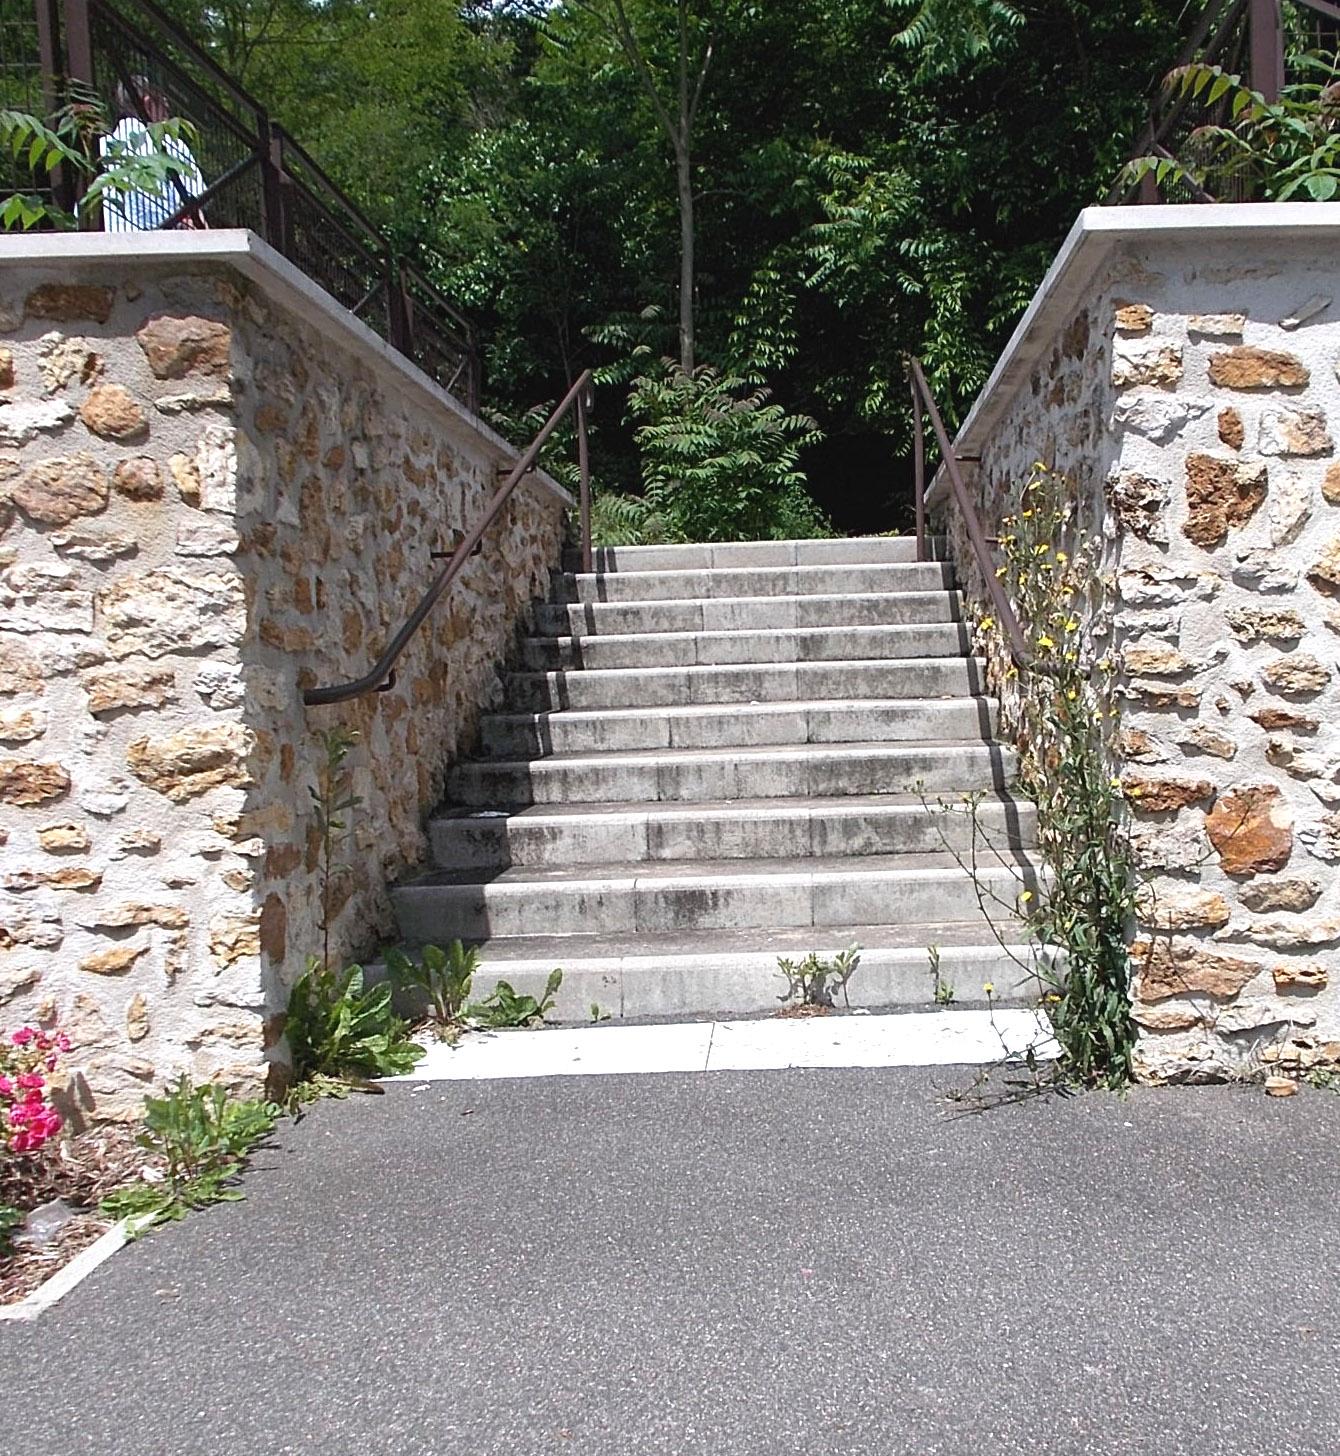 Fontainebleau 77300 Bande d'éveil et de vigilance mal placée elle est en bas au lieu d'être en haut